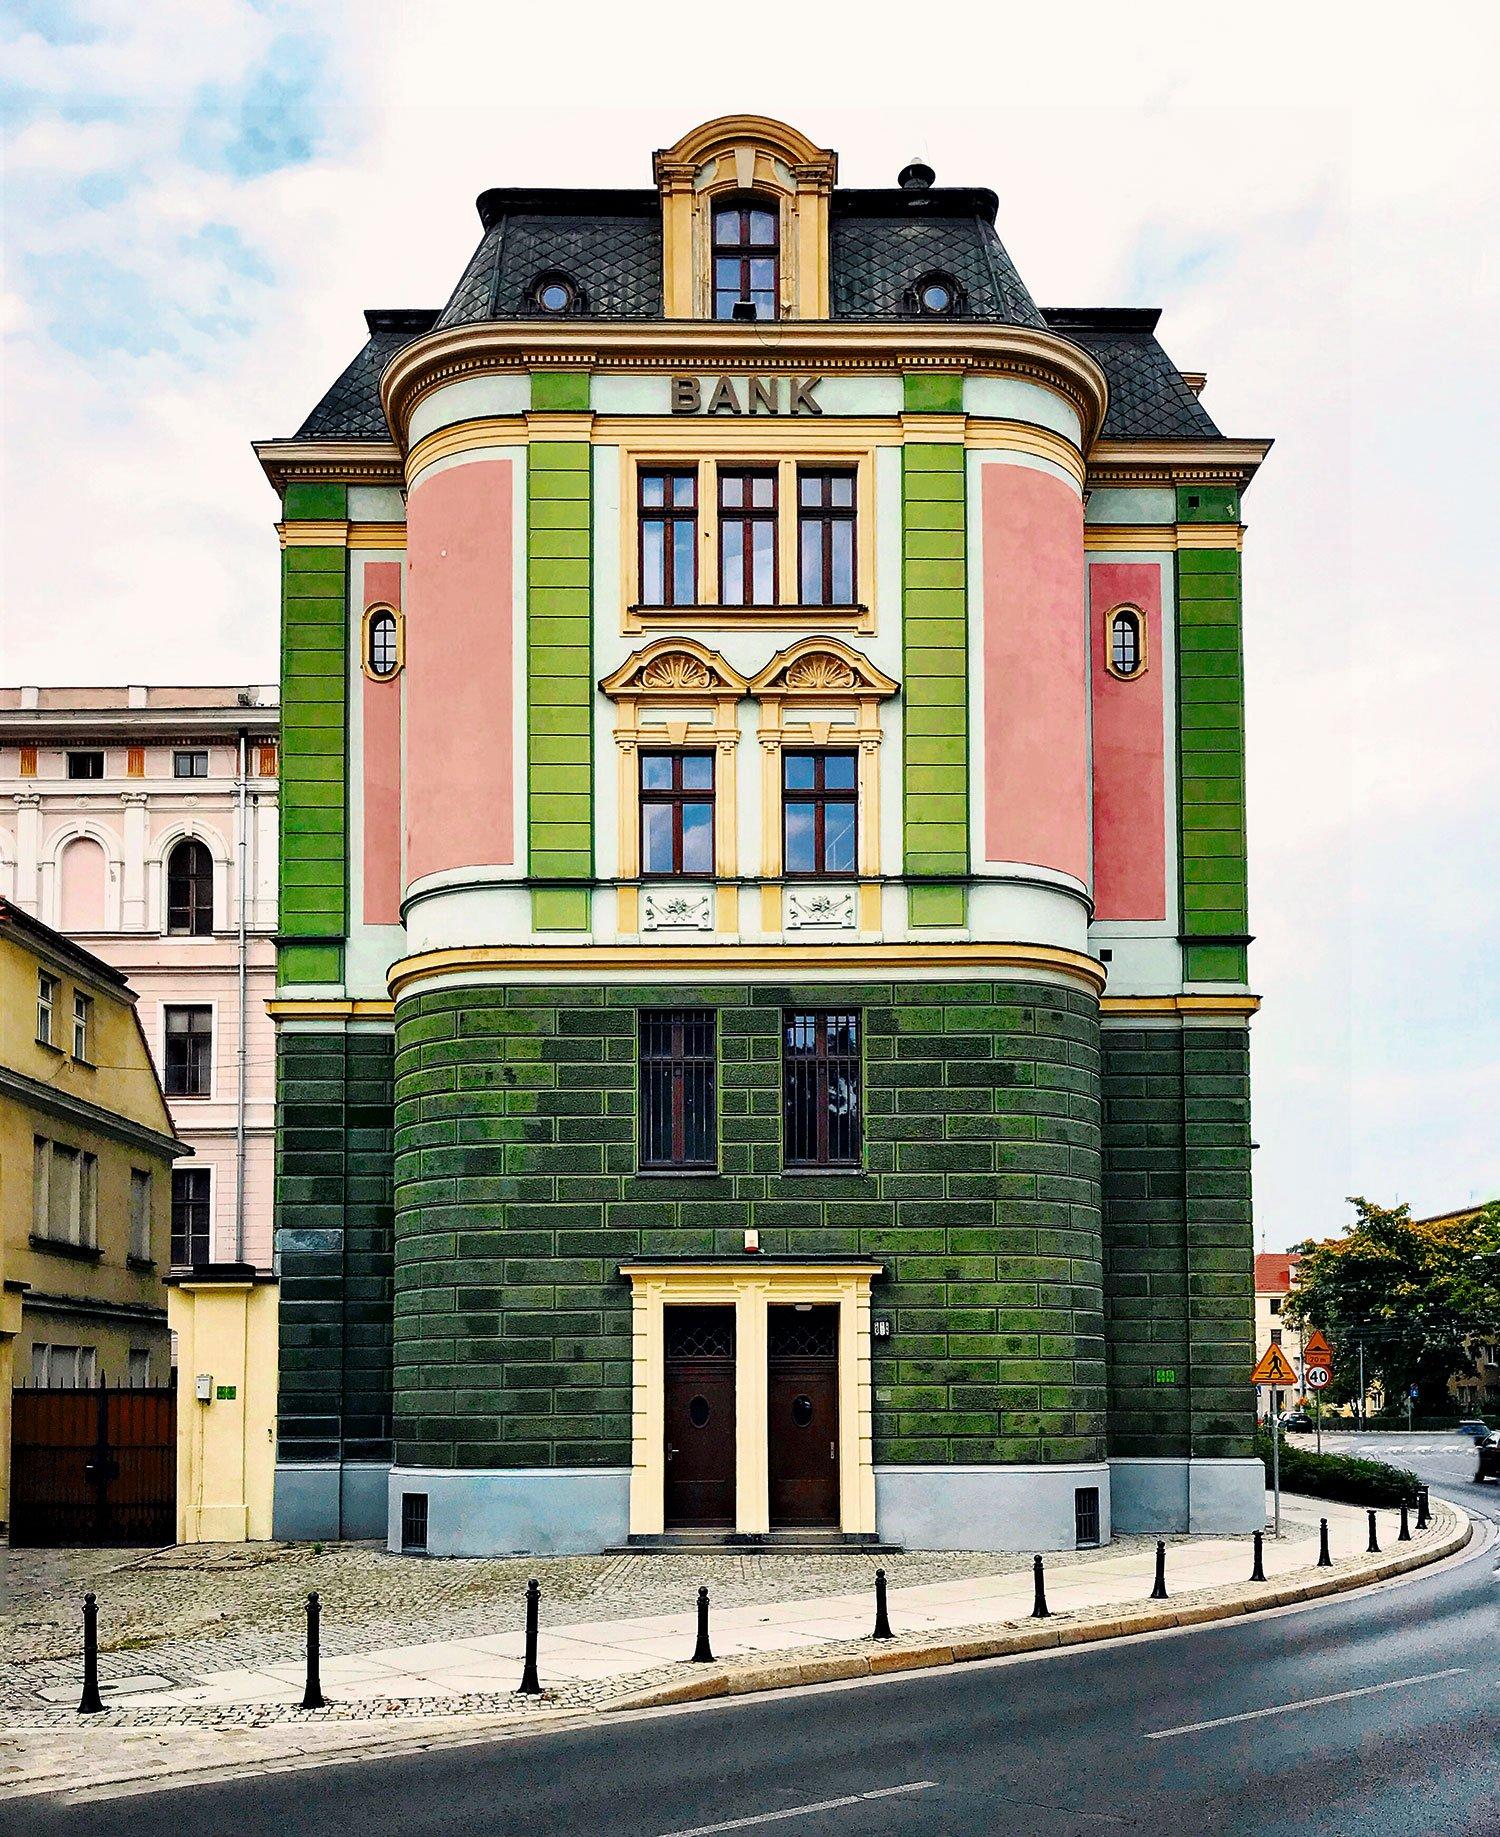 BGZ BNP PARIBAS BRANCH   Wrocław, Poland   Photo by Giulia Mulè   @mondomulia   mondomulia.com